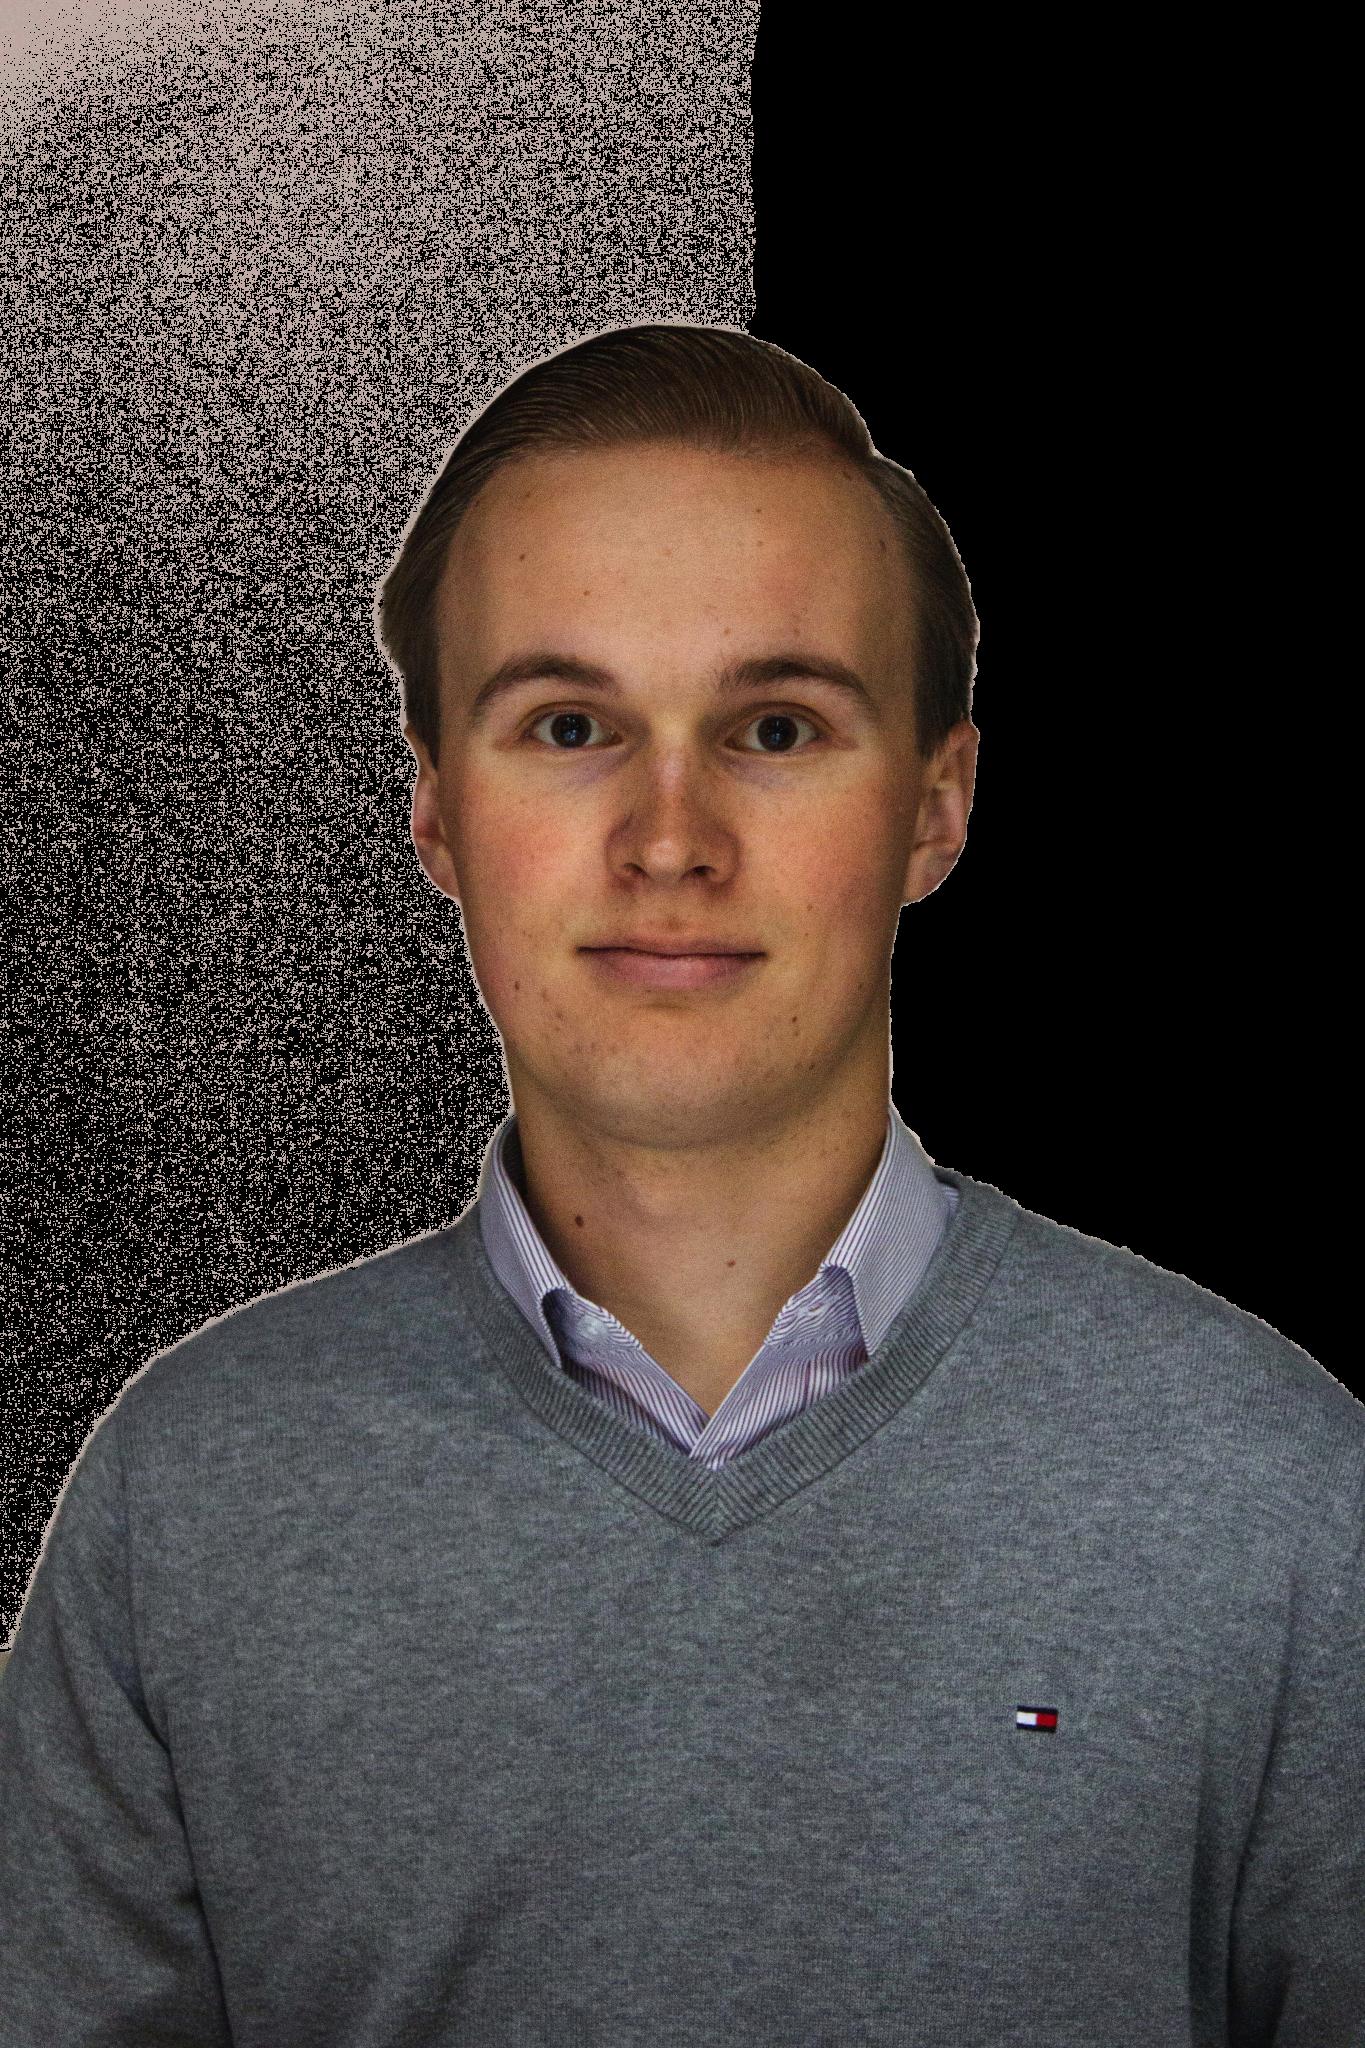 Antti Jaakola